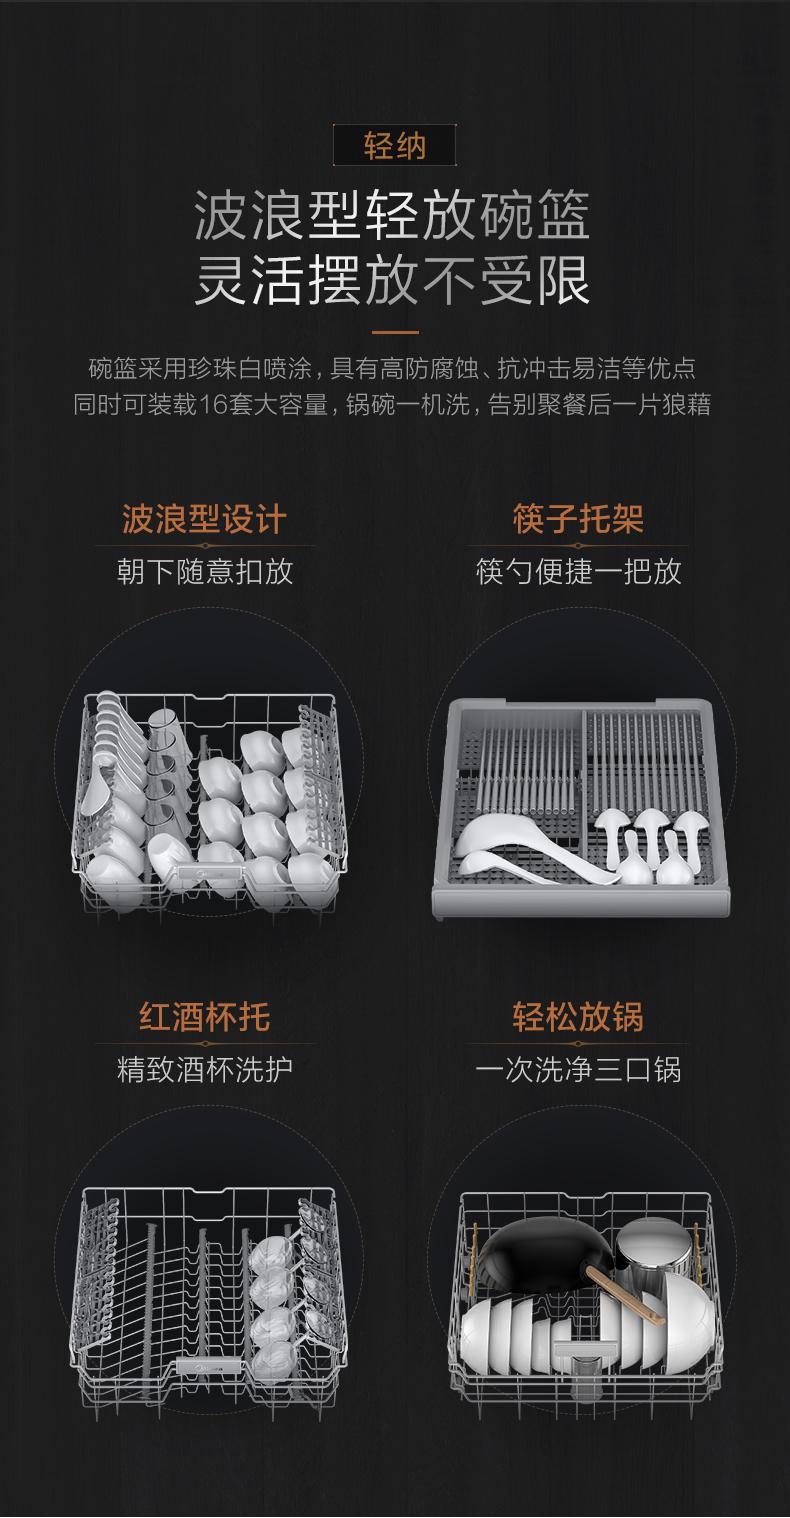 38154-美的(Midea)16套大容量 嵌入式 三星消毒 双驱变频 分层洗 极光洗碗机 独立式 智能家电 全自动刷碗机JV800-详情图